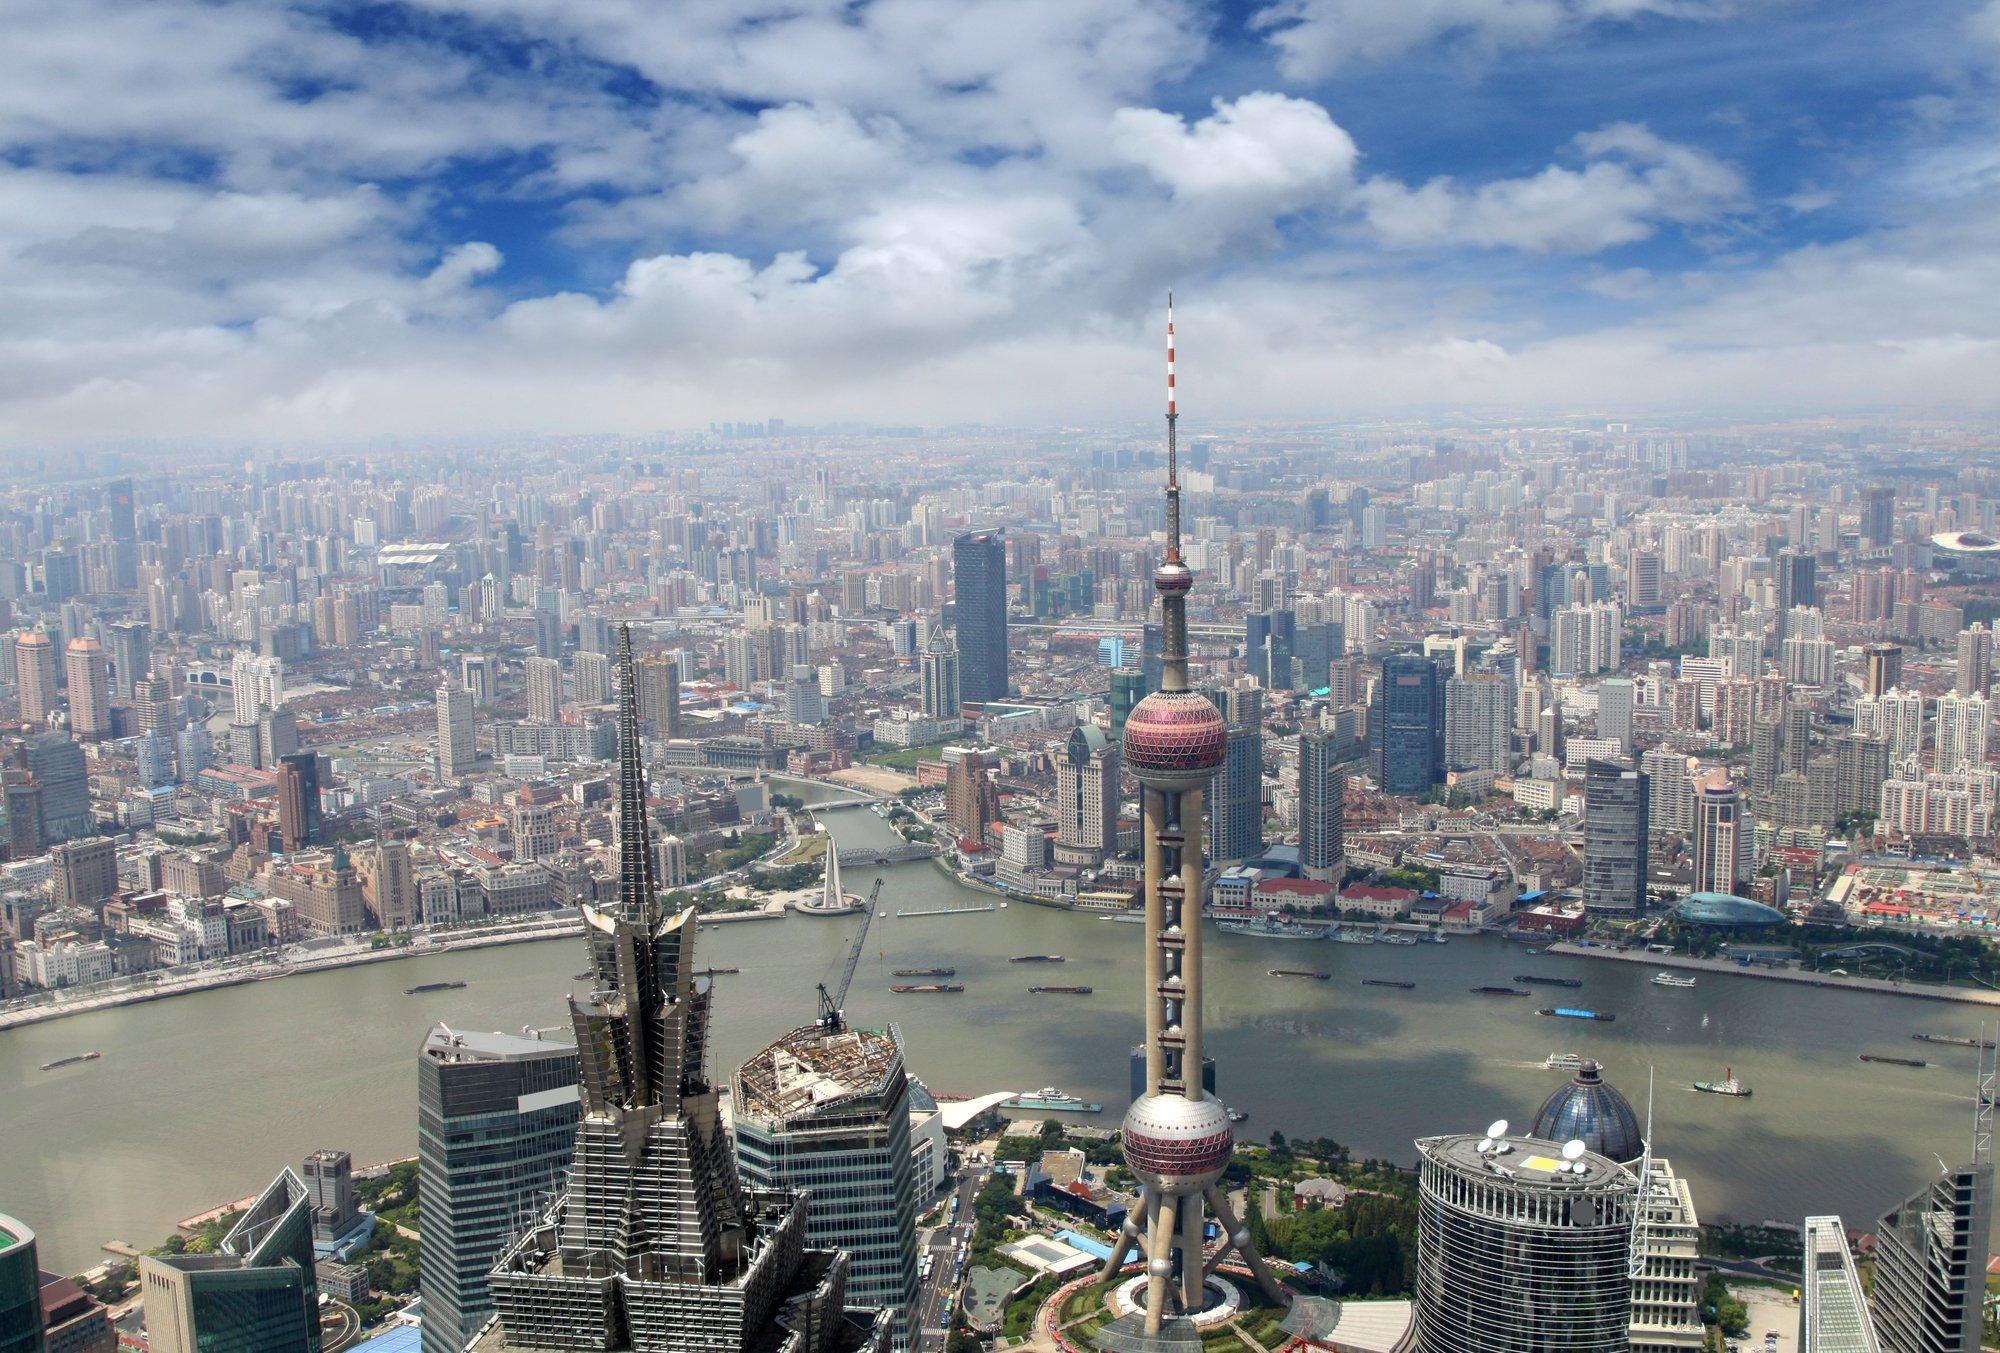 Luftaufnahme einer modernen Großstadt. Durch sie fließt ein großer Fluss, überall sieht man Hochhäuser.